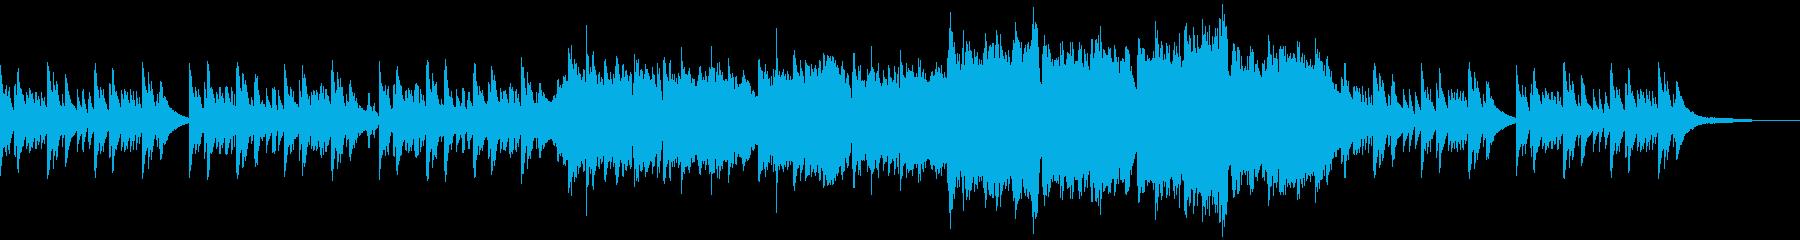 企業VPや映像74、オーケストラ、壮大bの再生済みの波形